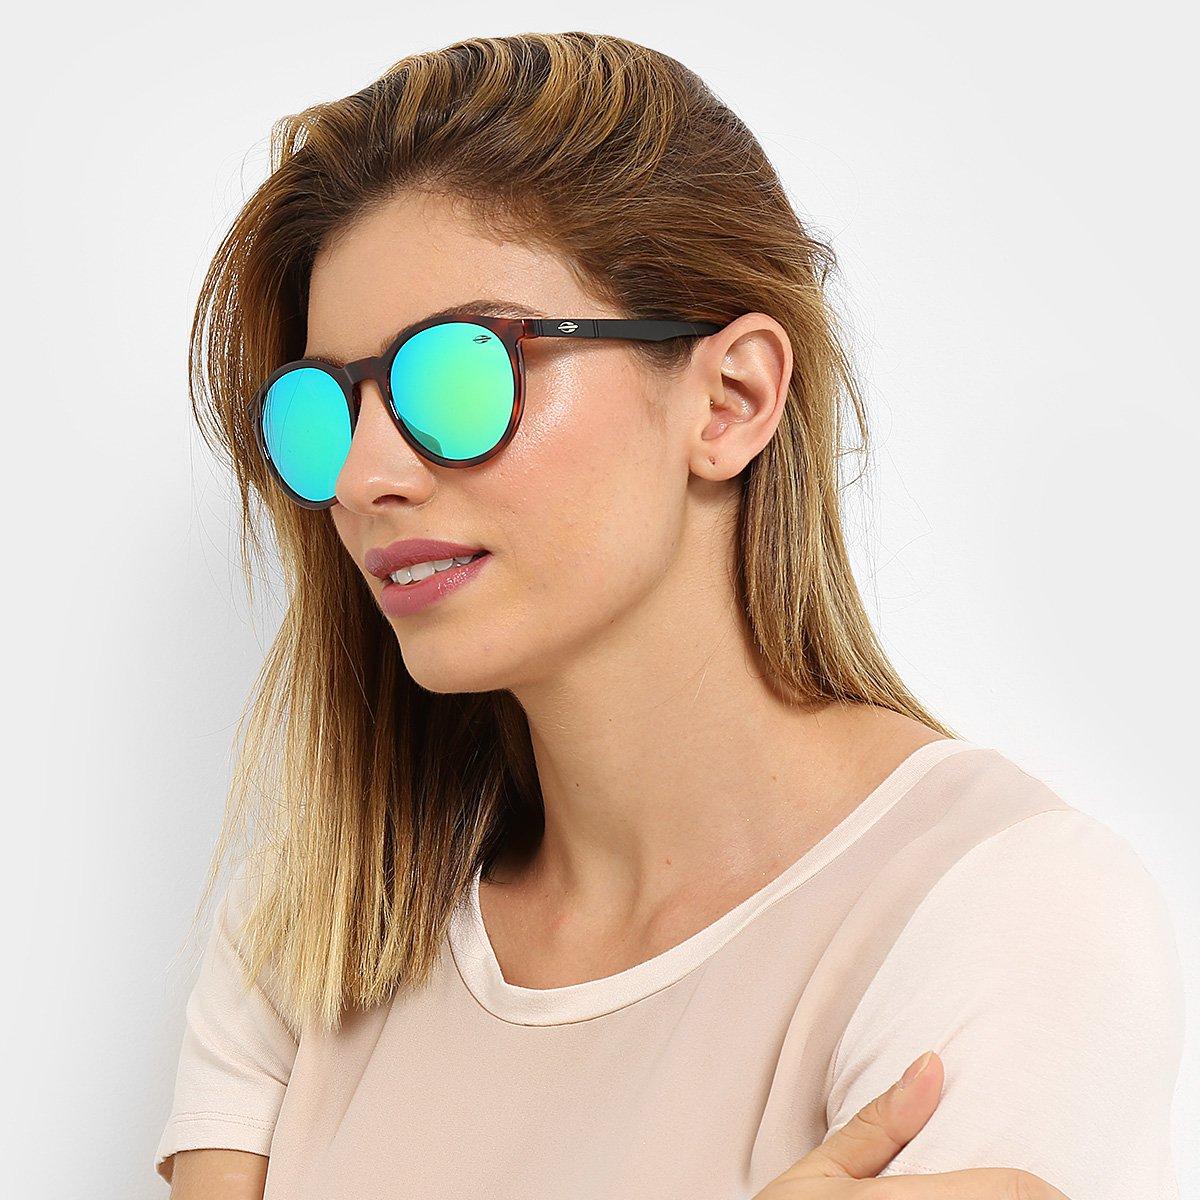 cf6b7e2968c12 Óculos De Sol Mormaii Maui Demi Brilho Feminino - Compre Agora   Zattini